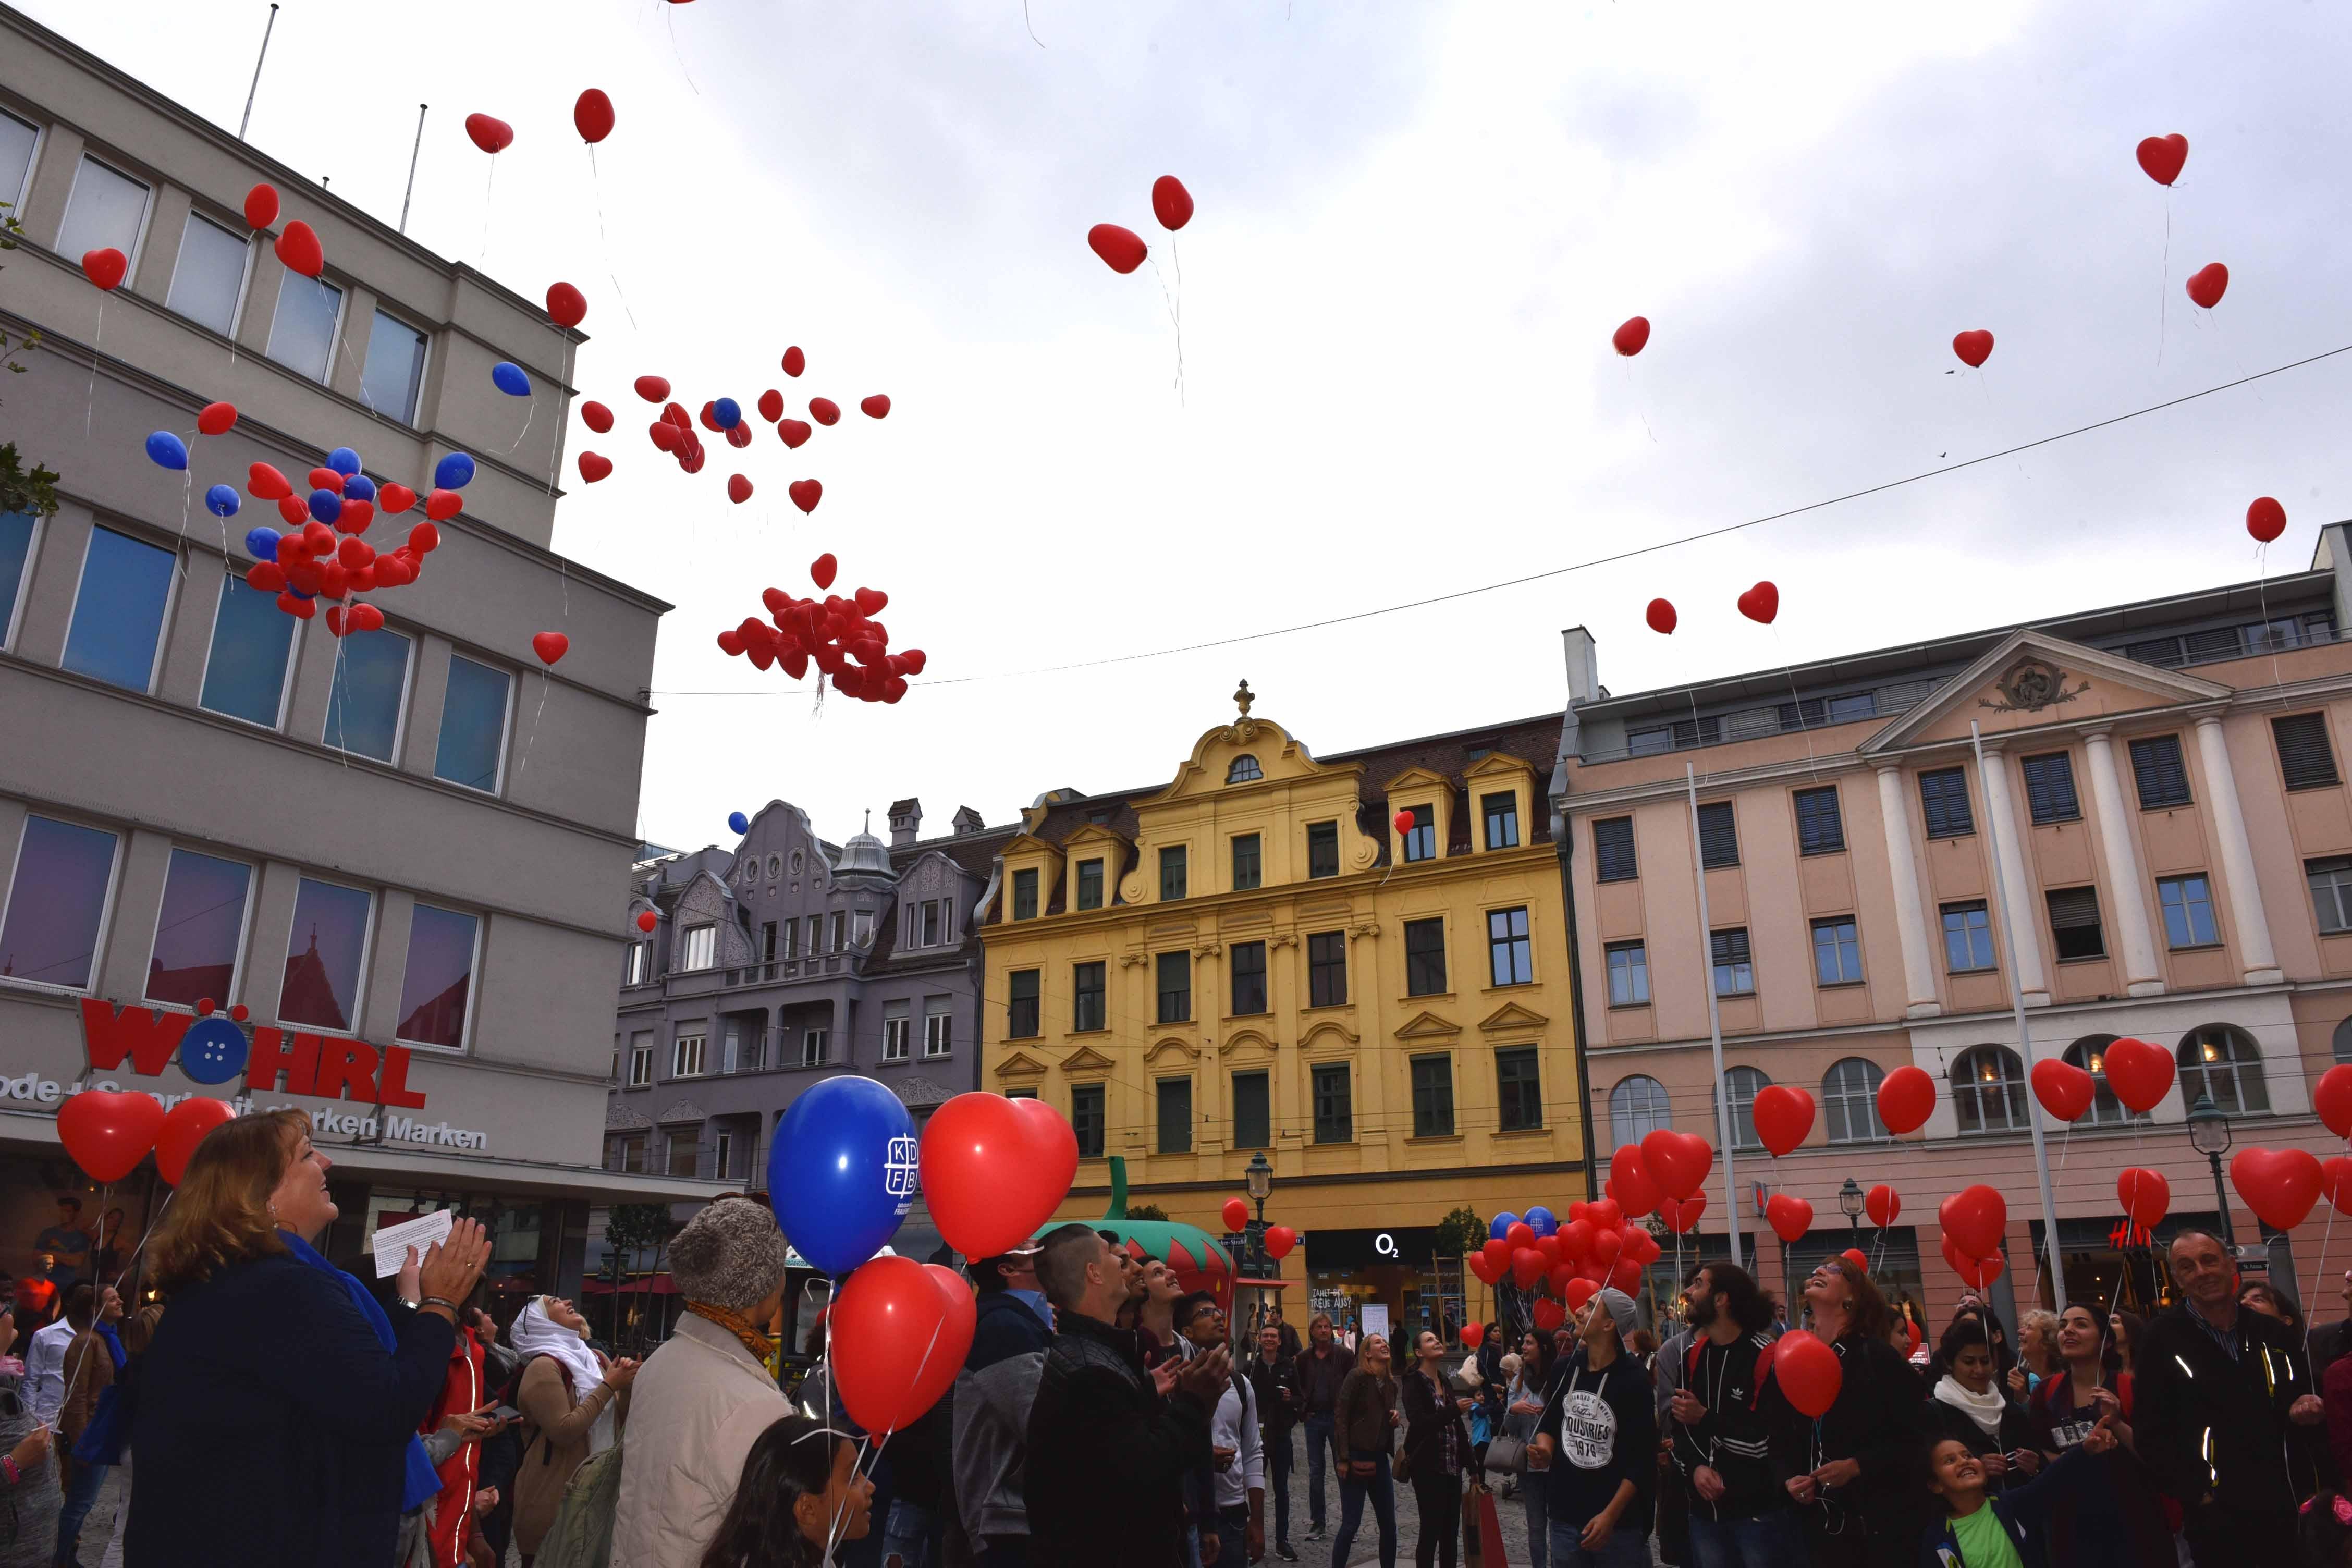 """Viele Herzen flogen da in die Luft: Zum """"Internationalen Tag des Friedens"""" hat der Frauenbund für ein respektvolles Miteinander geworben. (Fotos: Maria Steber/pba)."""